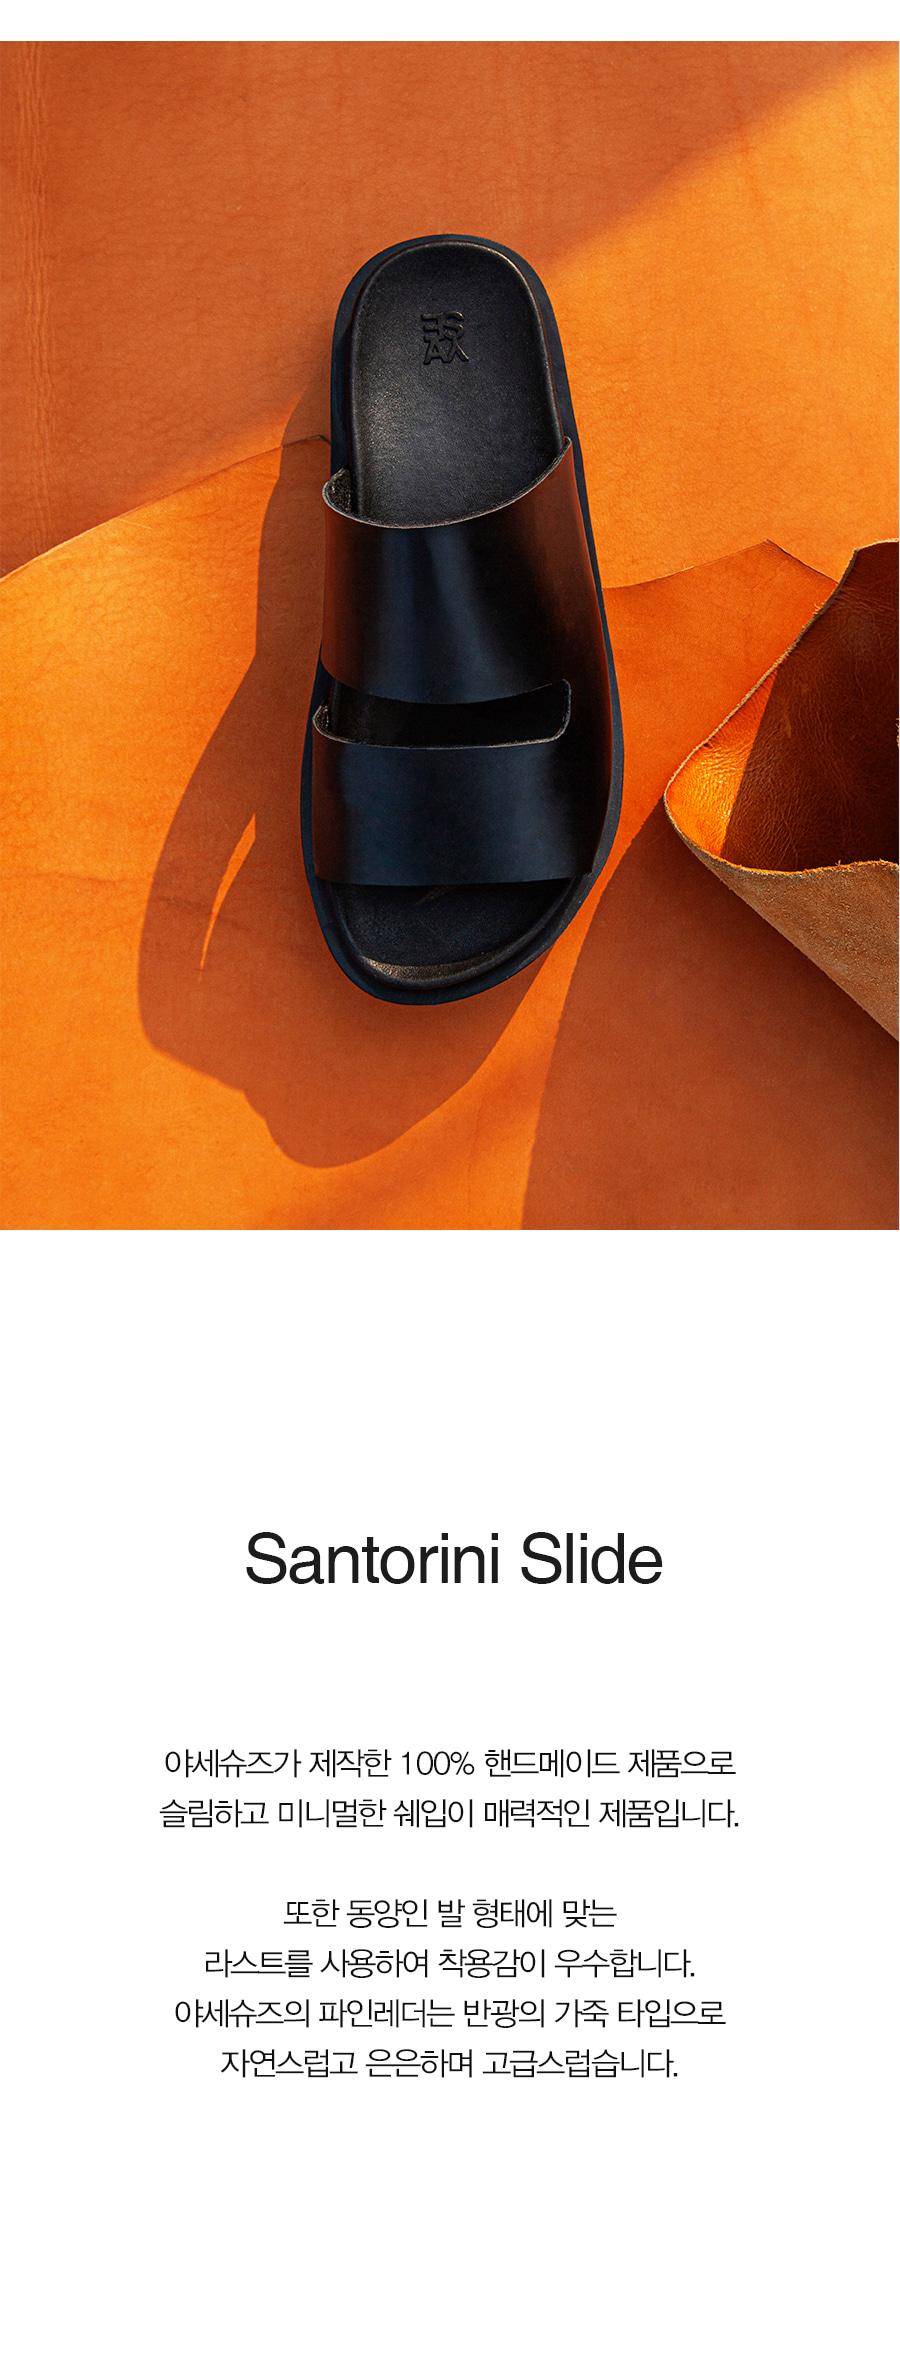 야세(YASE) 산토리니 슬라이드 레더 블랙 551